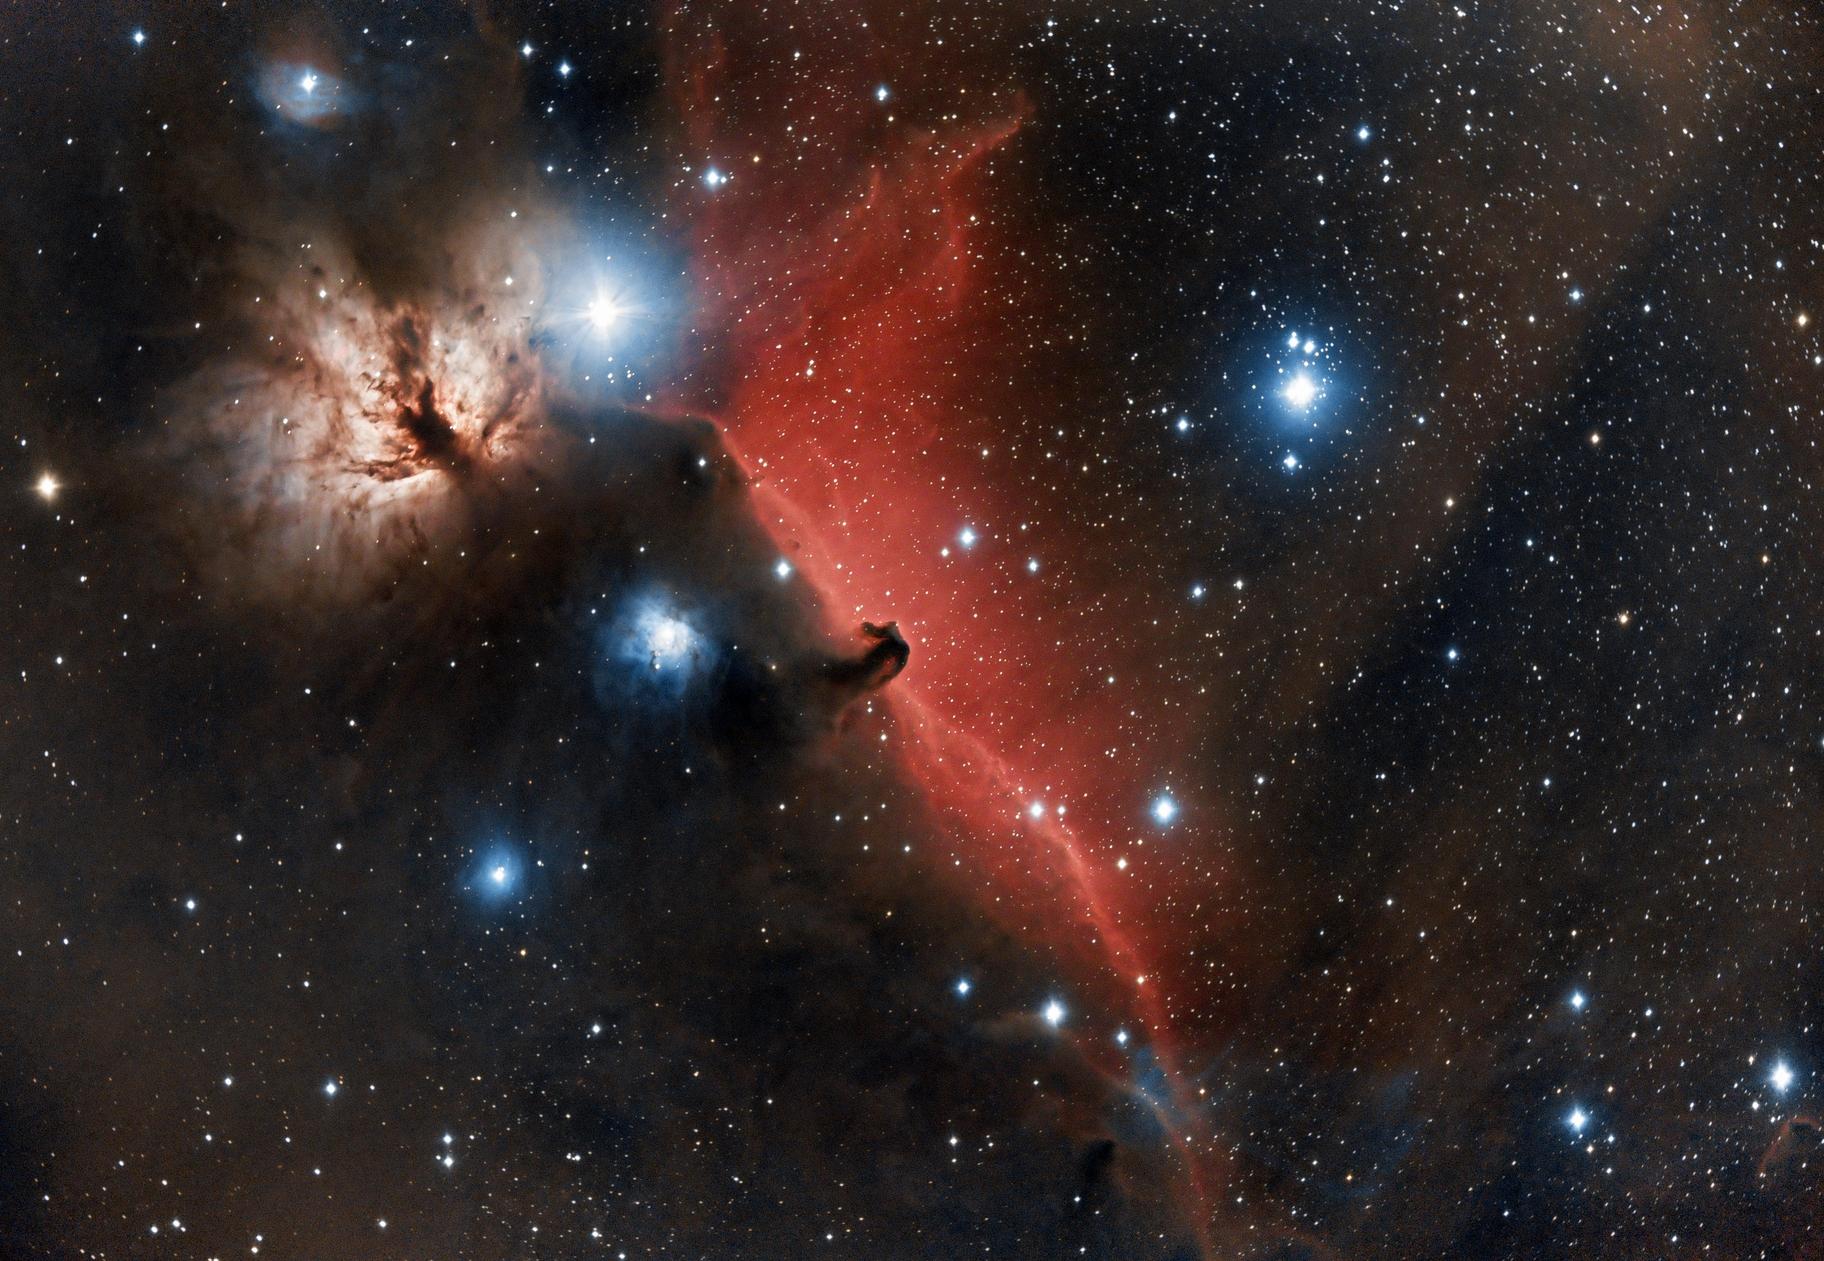 Ic434 - nébuleuse de la tête de cheval et de la flamme,                                astromat89